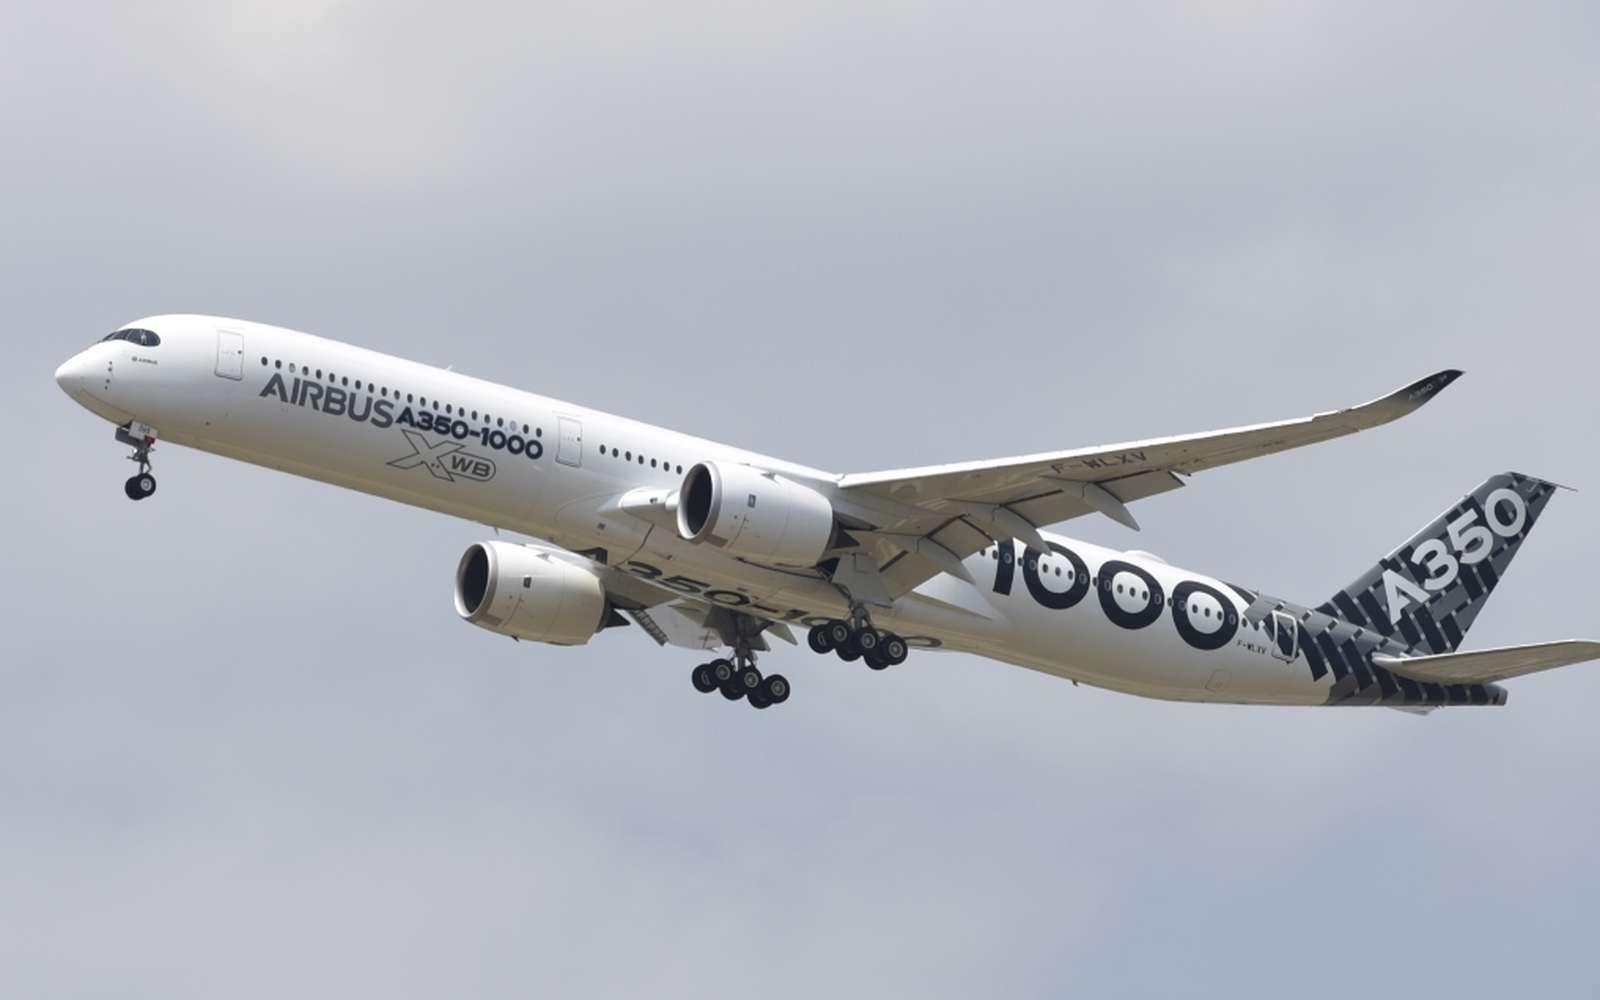 Concurrent du Boeing 787, l'Airbus A350-1000 est capable d'emporter jusqu'à 440 passagers et traverser l'atlantique sur ses deux réacteurs. © Sylvain Biget, tous droits réservés